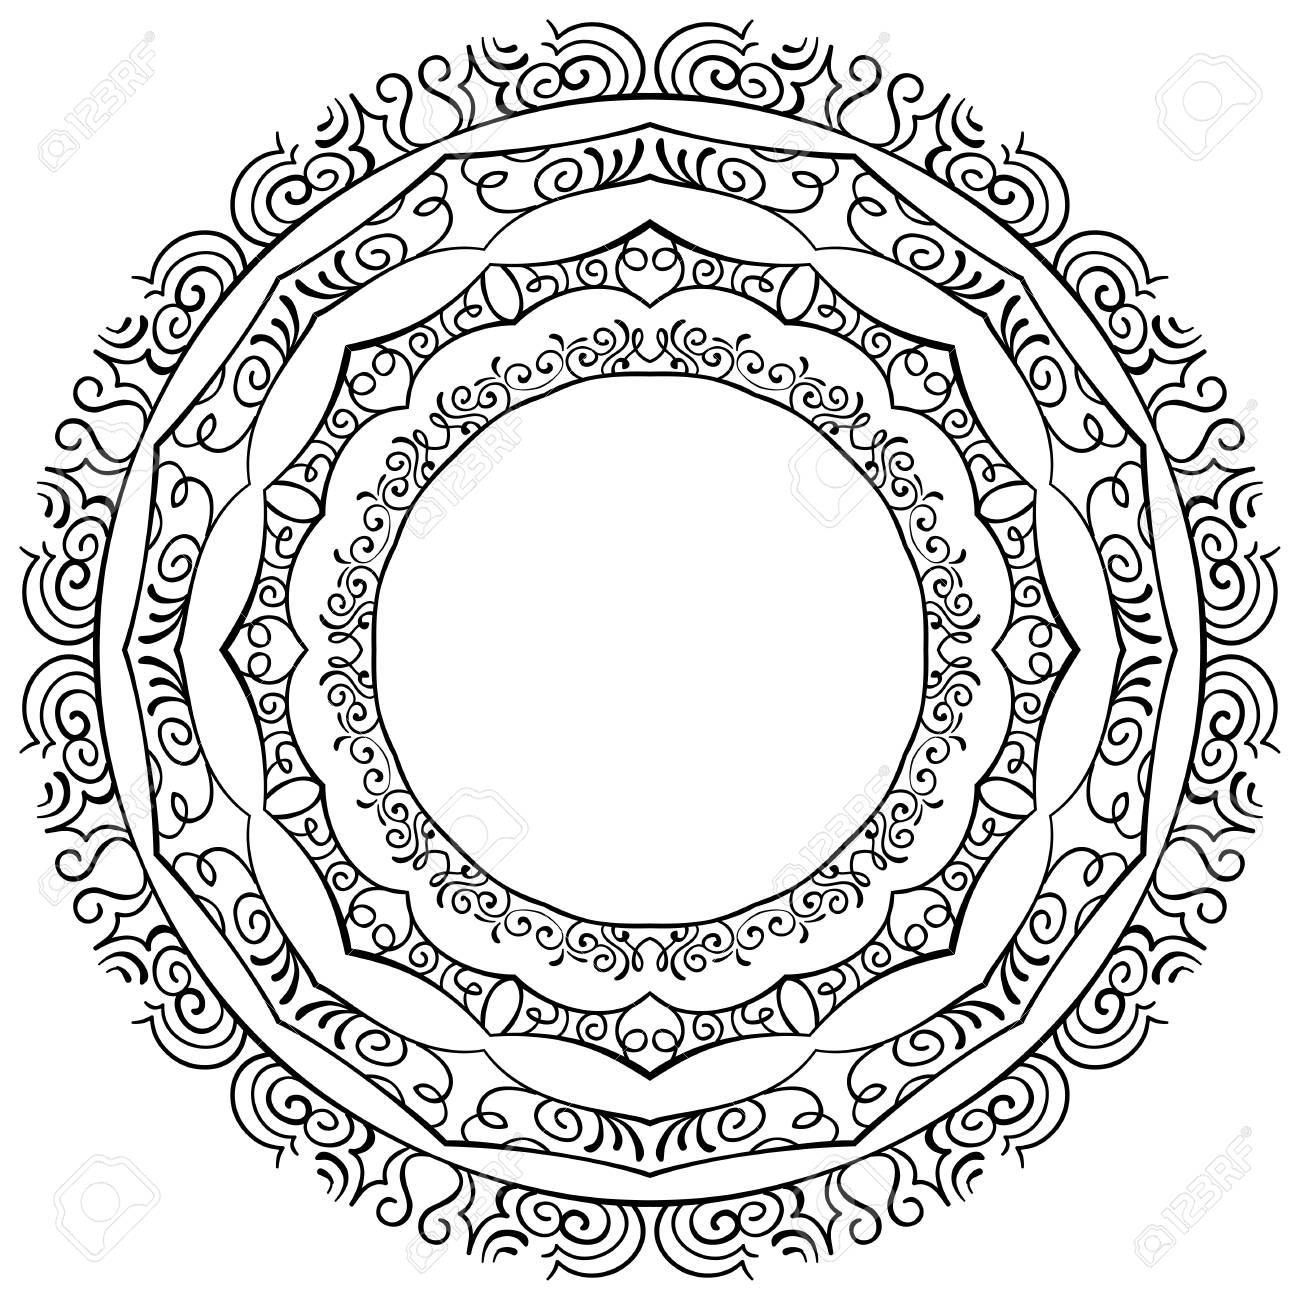 Vektor-Satz Von Runde Eleganten Rahmen Auf Einem Weißen Hintergrund ...